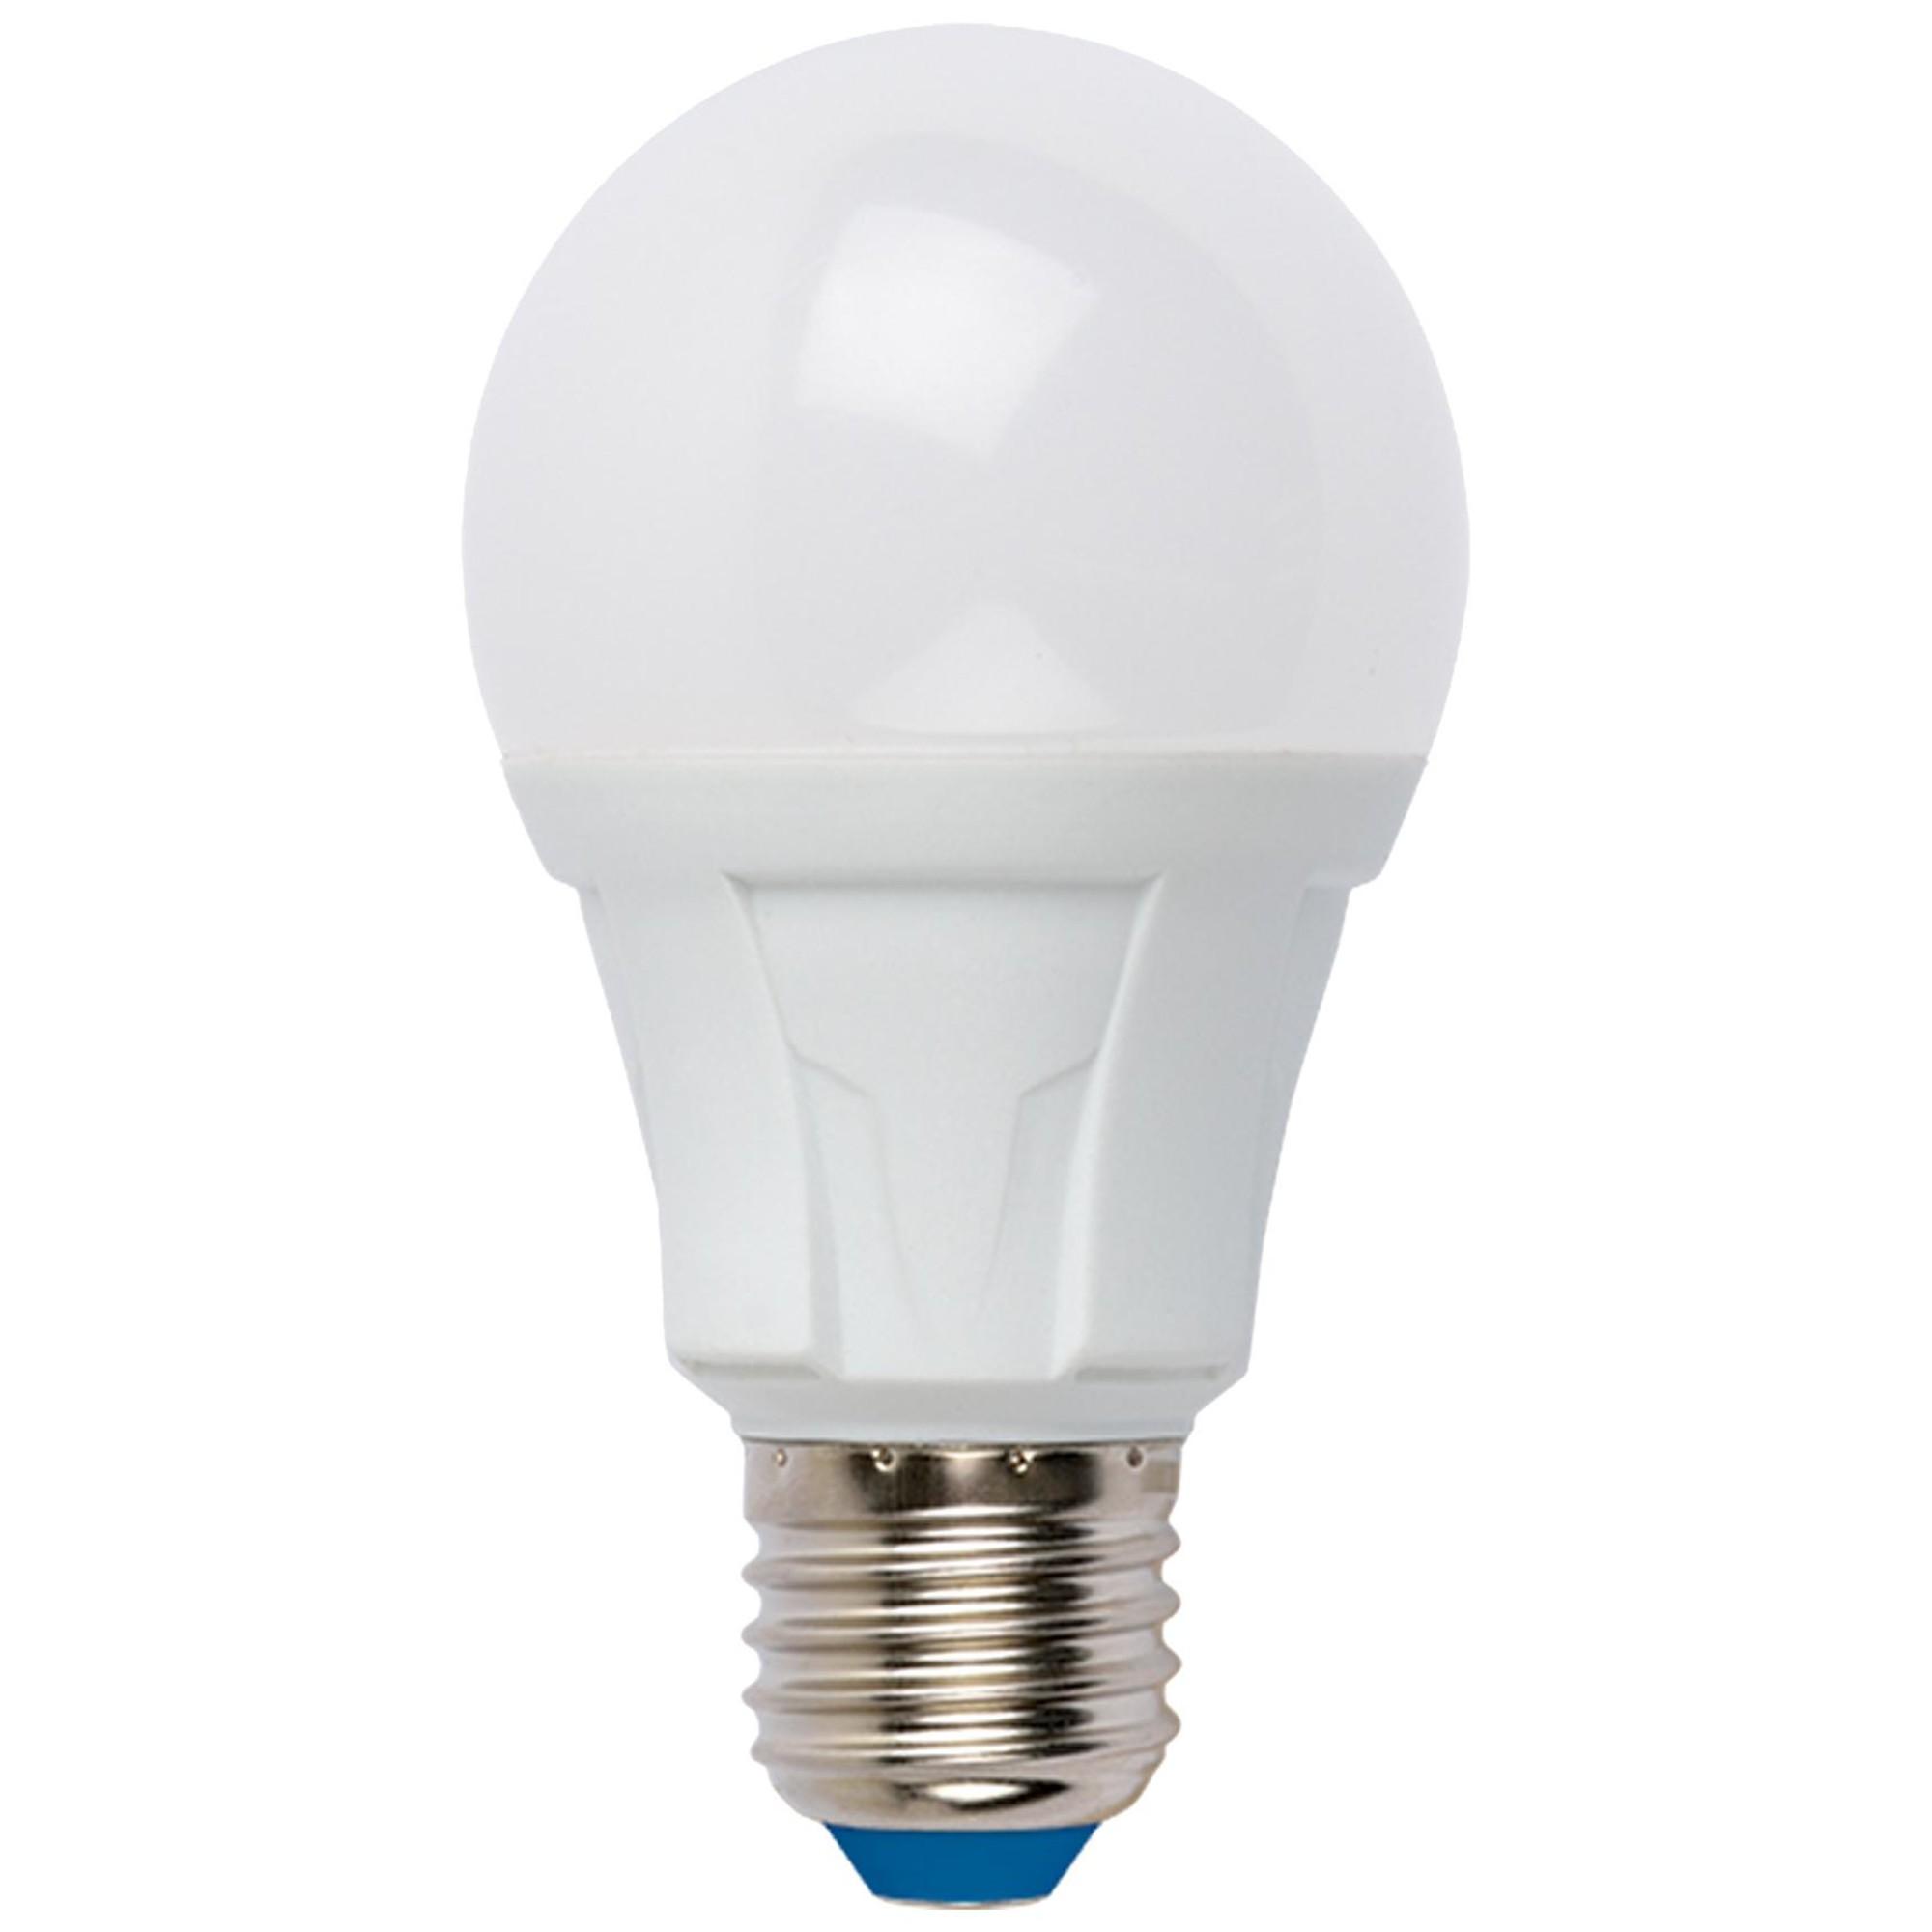 Лампа светодиодная Uniel Яркая E27 груша 700 Лм 8 Вт холодный белый (голубой)